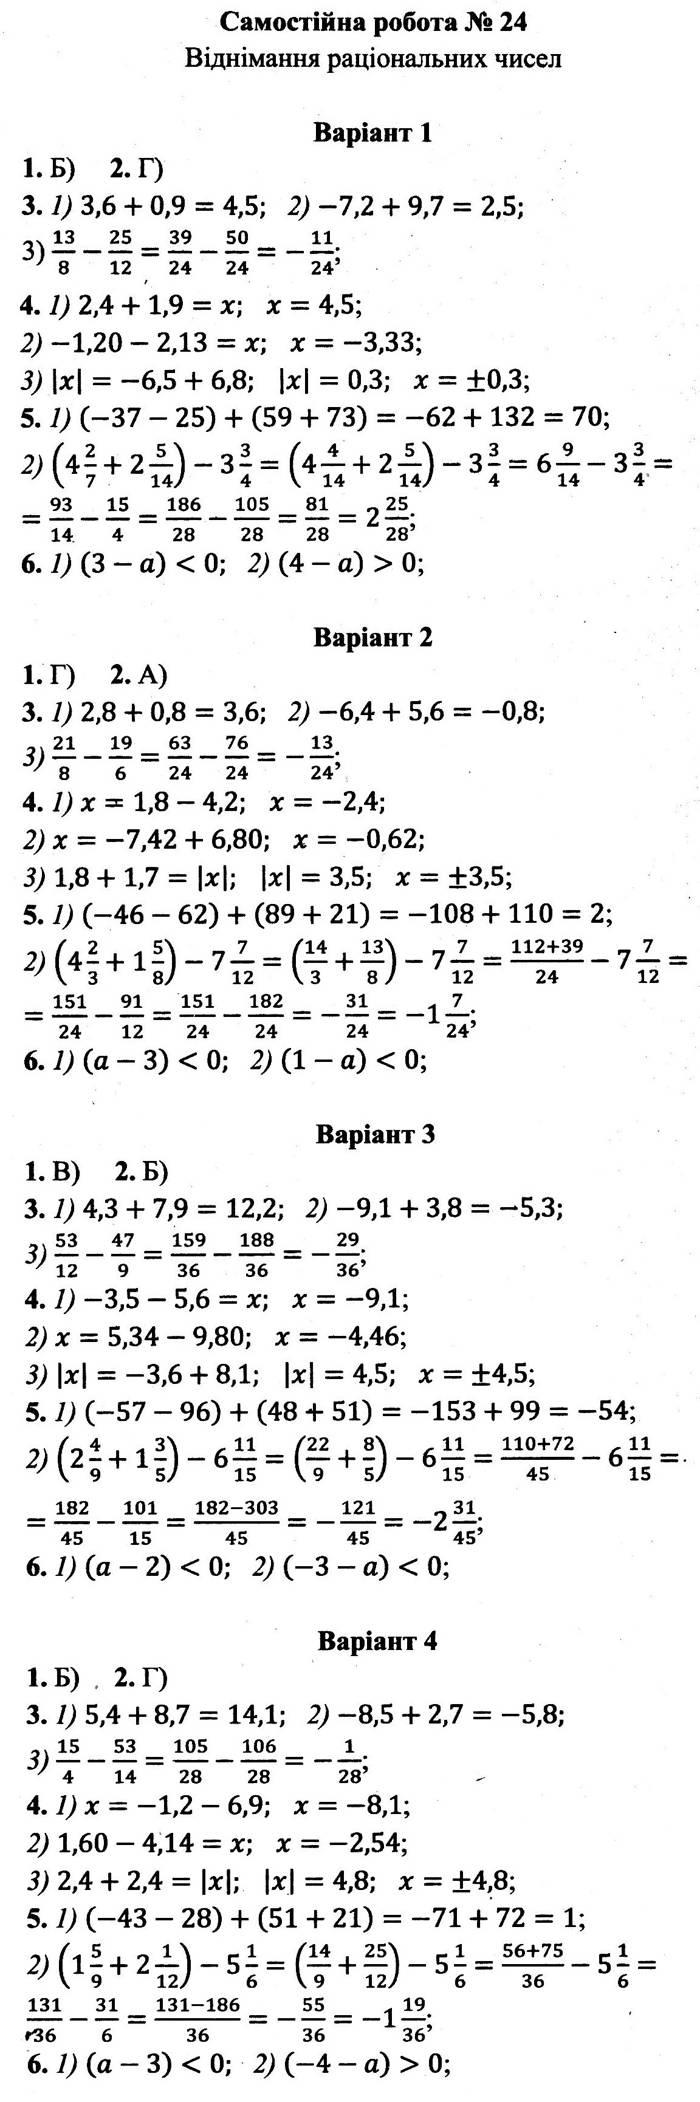 Розв'язання завдань до самостійної роботи 24 посібника 6 клас Математика Мерзляк (збірник самостійних робіт і тестів) 2020 рік